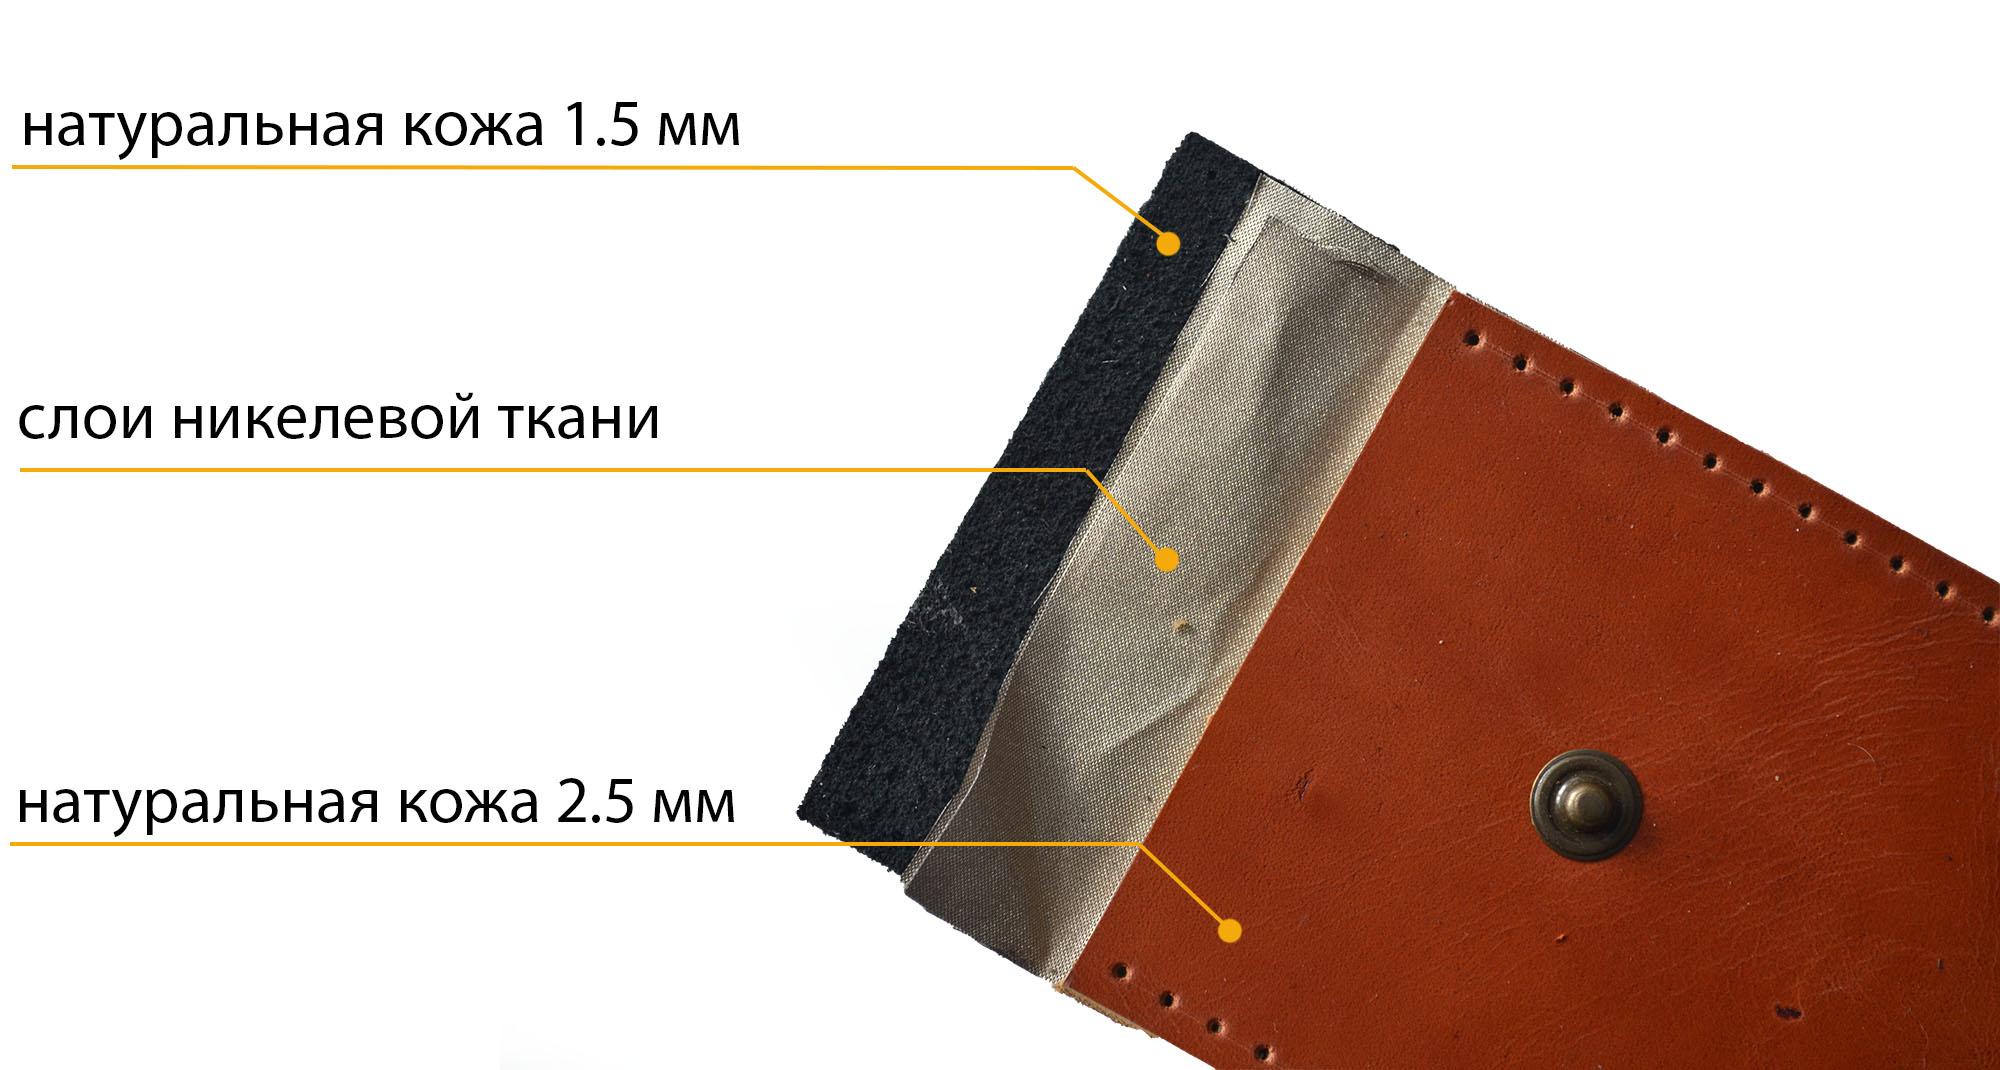 Экранирующий чехол RFD от useGear устройство